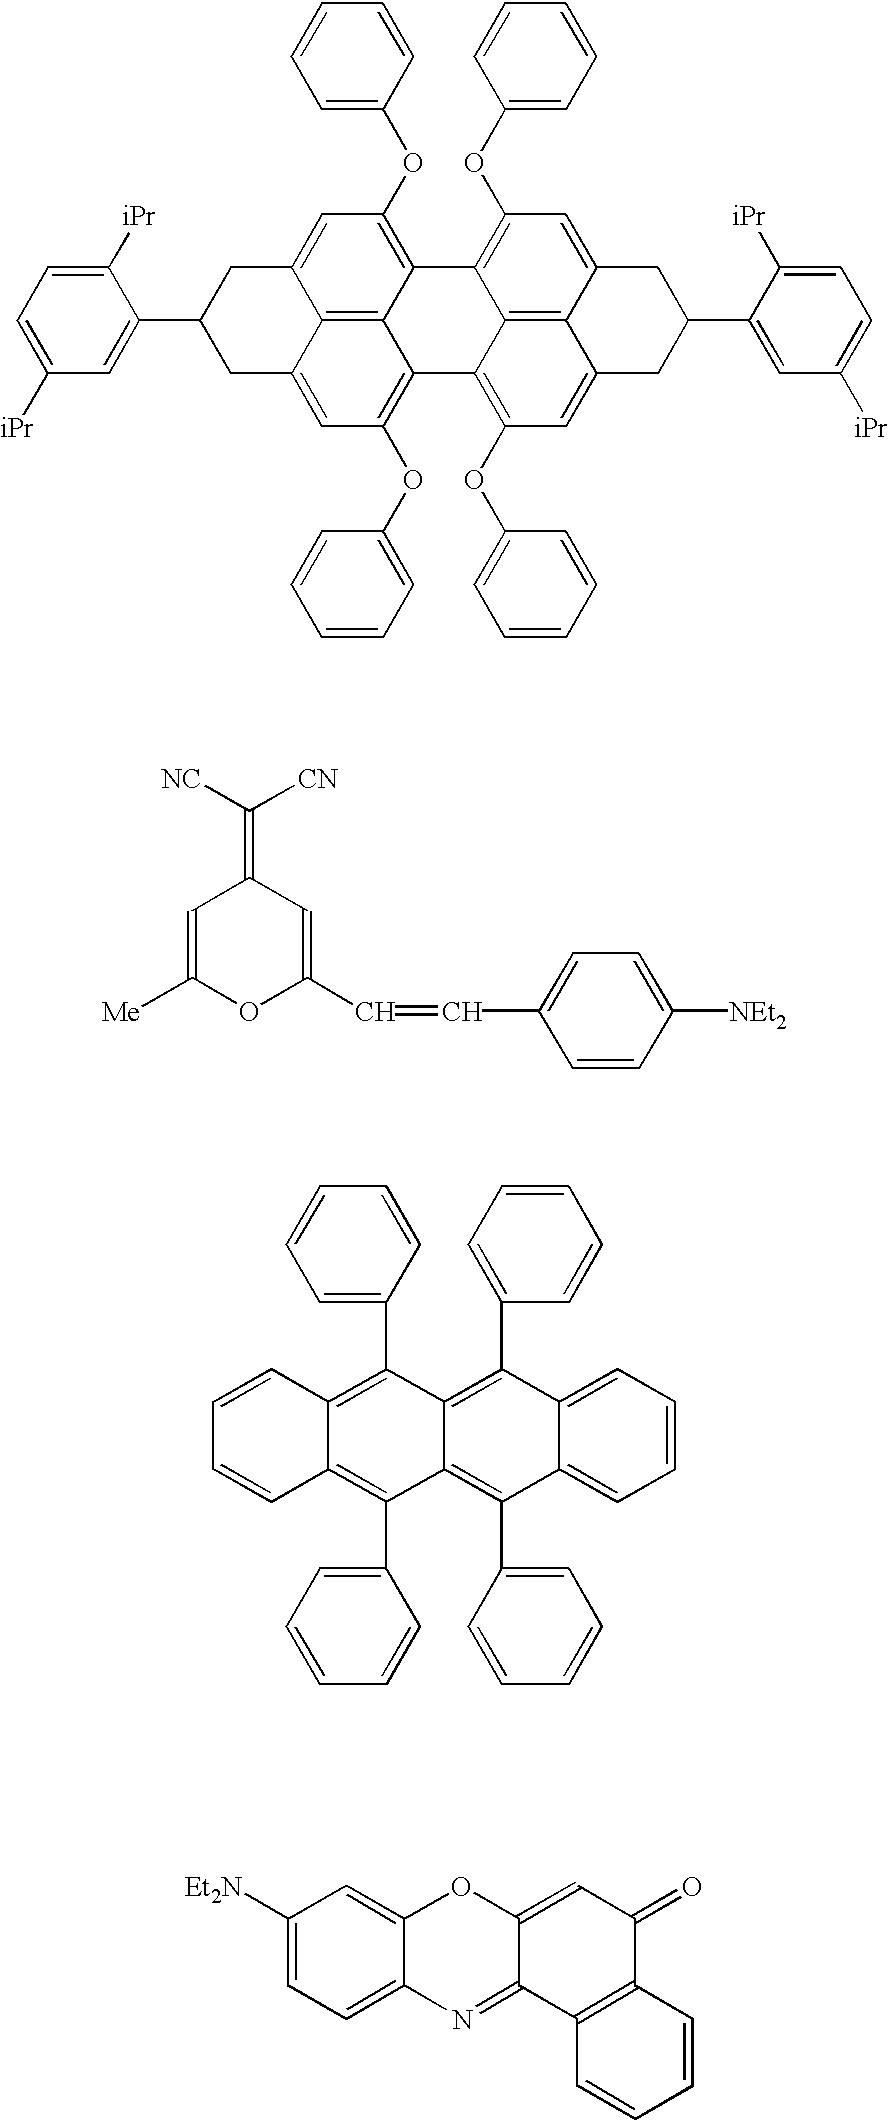 Figure US06541129-20030401-C00038